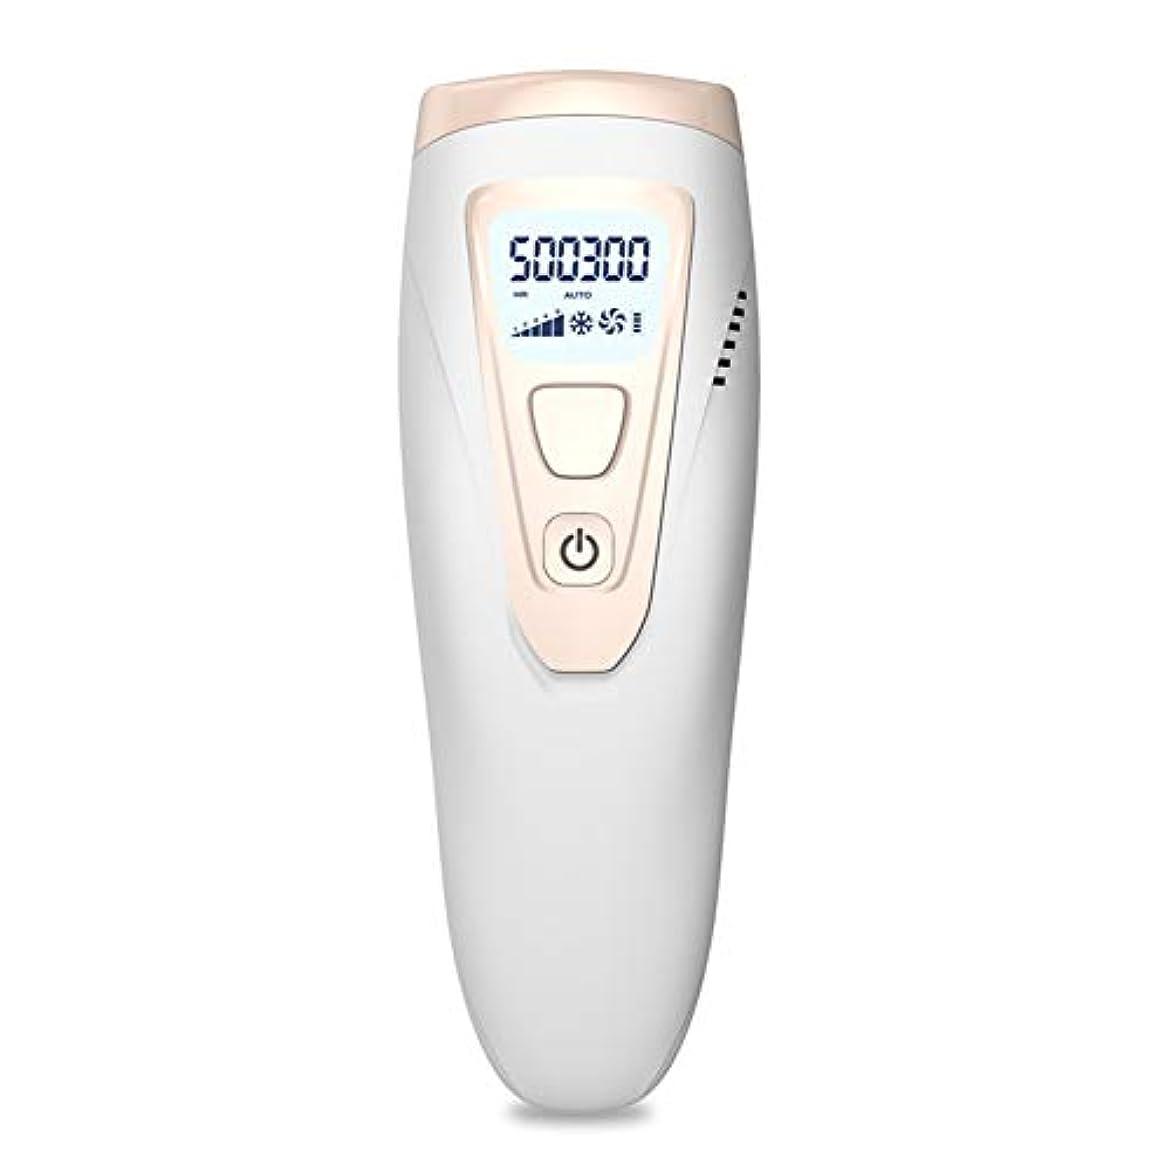 作者解釈亡命アイスクールIPLレーザー脱毛システム50万回のフラッシュ無痛常設パルス光脱毛器デバイス、にとってボディフェイス脇の下ビキニライン